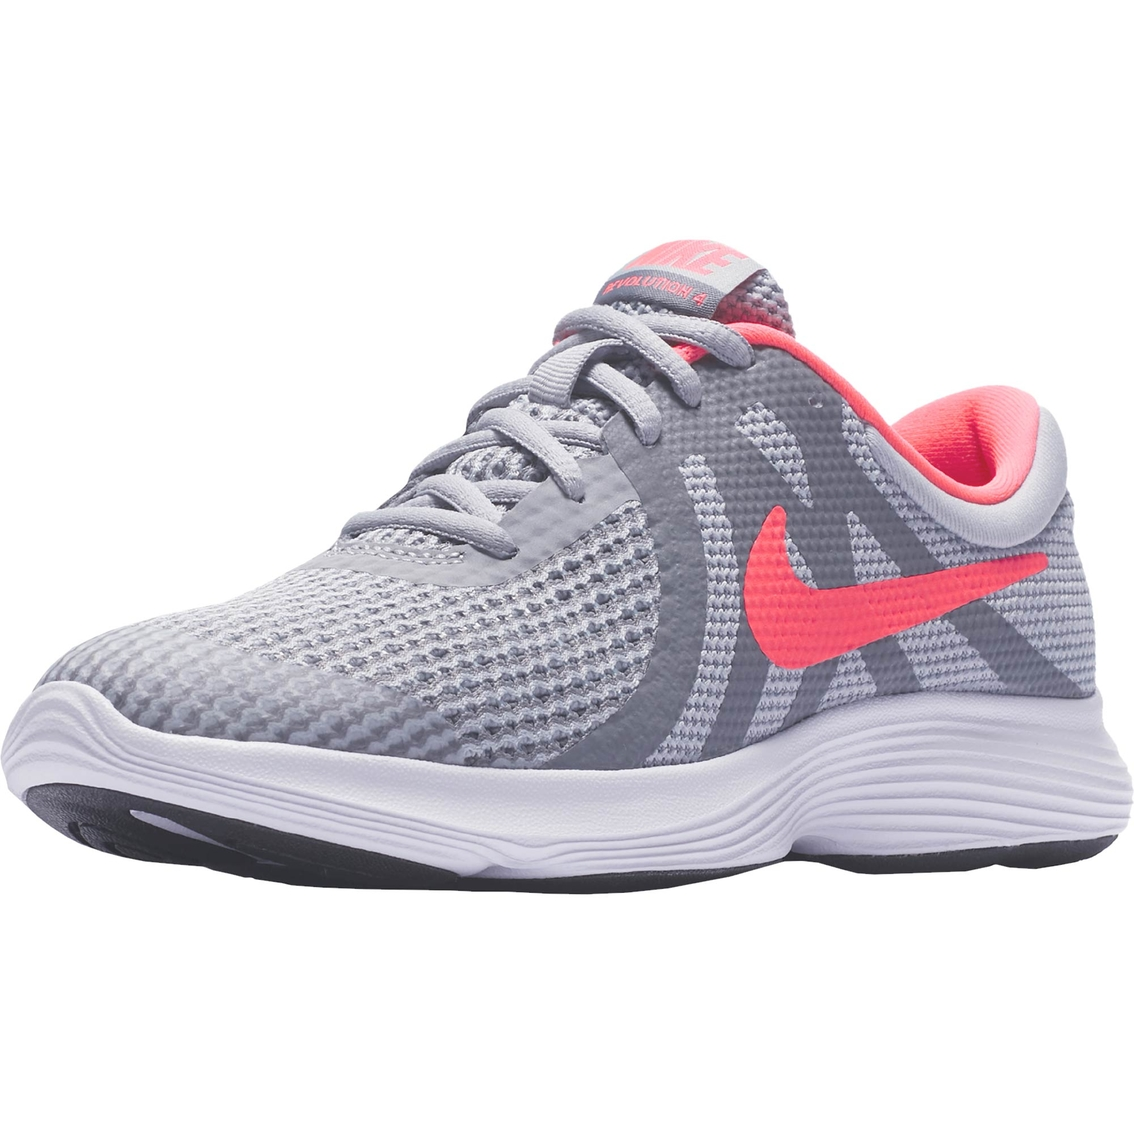 729fc57deb5a4 Nike Girls Revolutions 4 Grade School Running Shoes